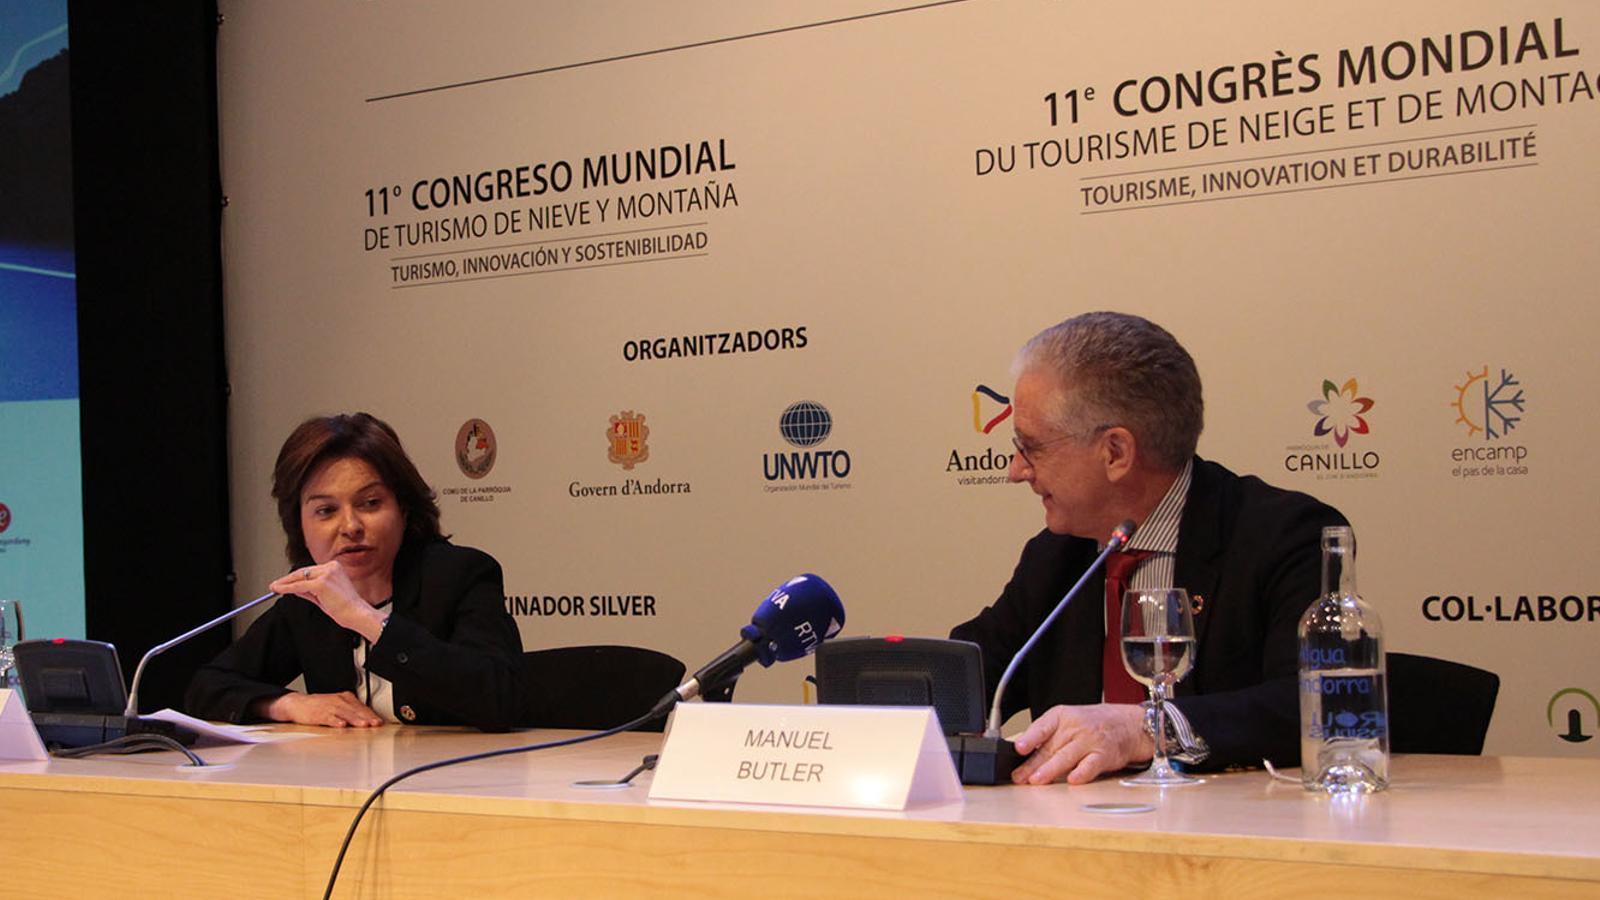 La ministra de Turisme, Verònica Canals, i el director executiu de l'OMT, Manuel Butler, durant la roda de premsa. / M. F. (ANA)